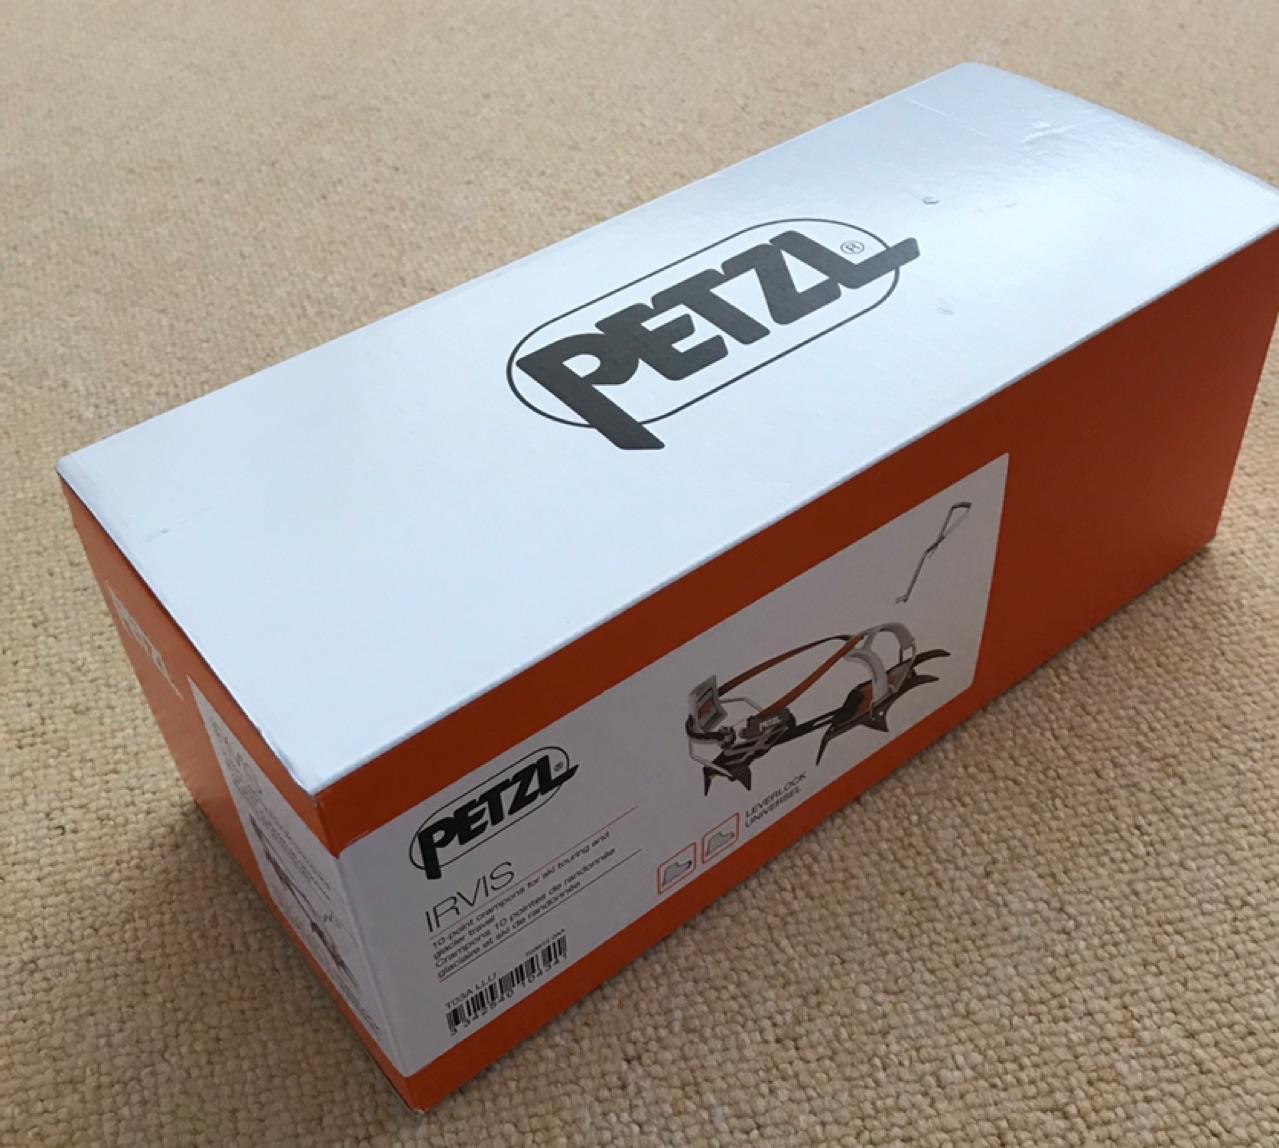 【即納・訳あり】PETZL ペツル Irvis Leverlock Universel(Black / Orange)10本爪★ウインターギア・アイゼン・クランポン・雪山装備★